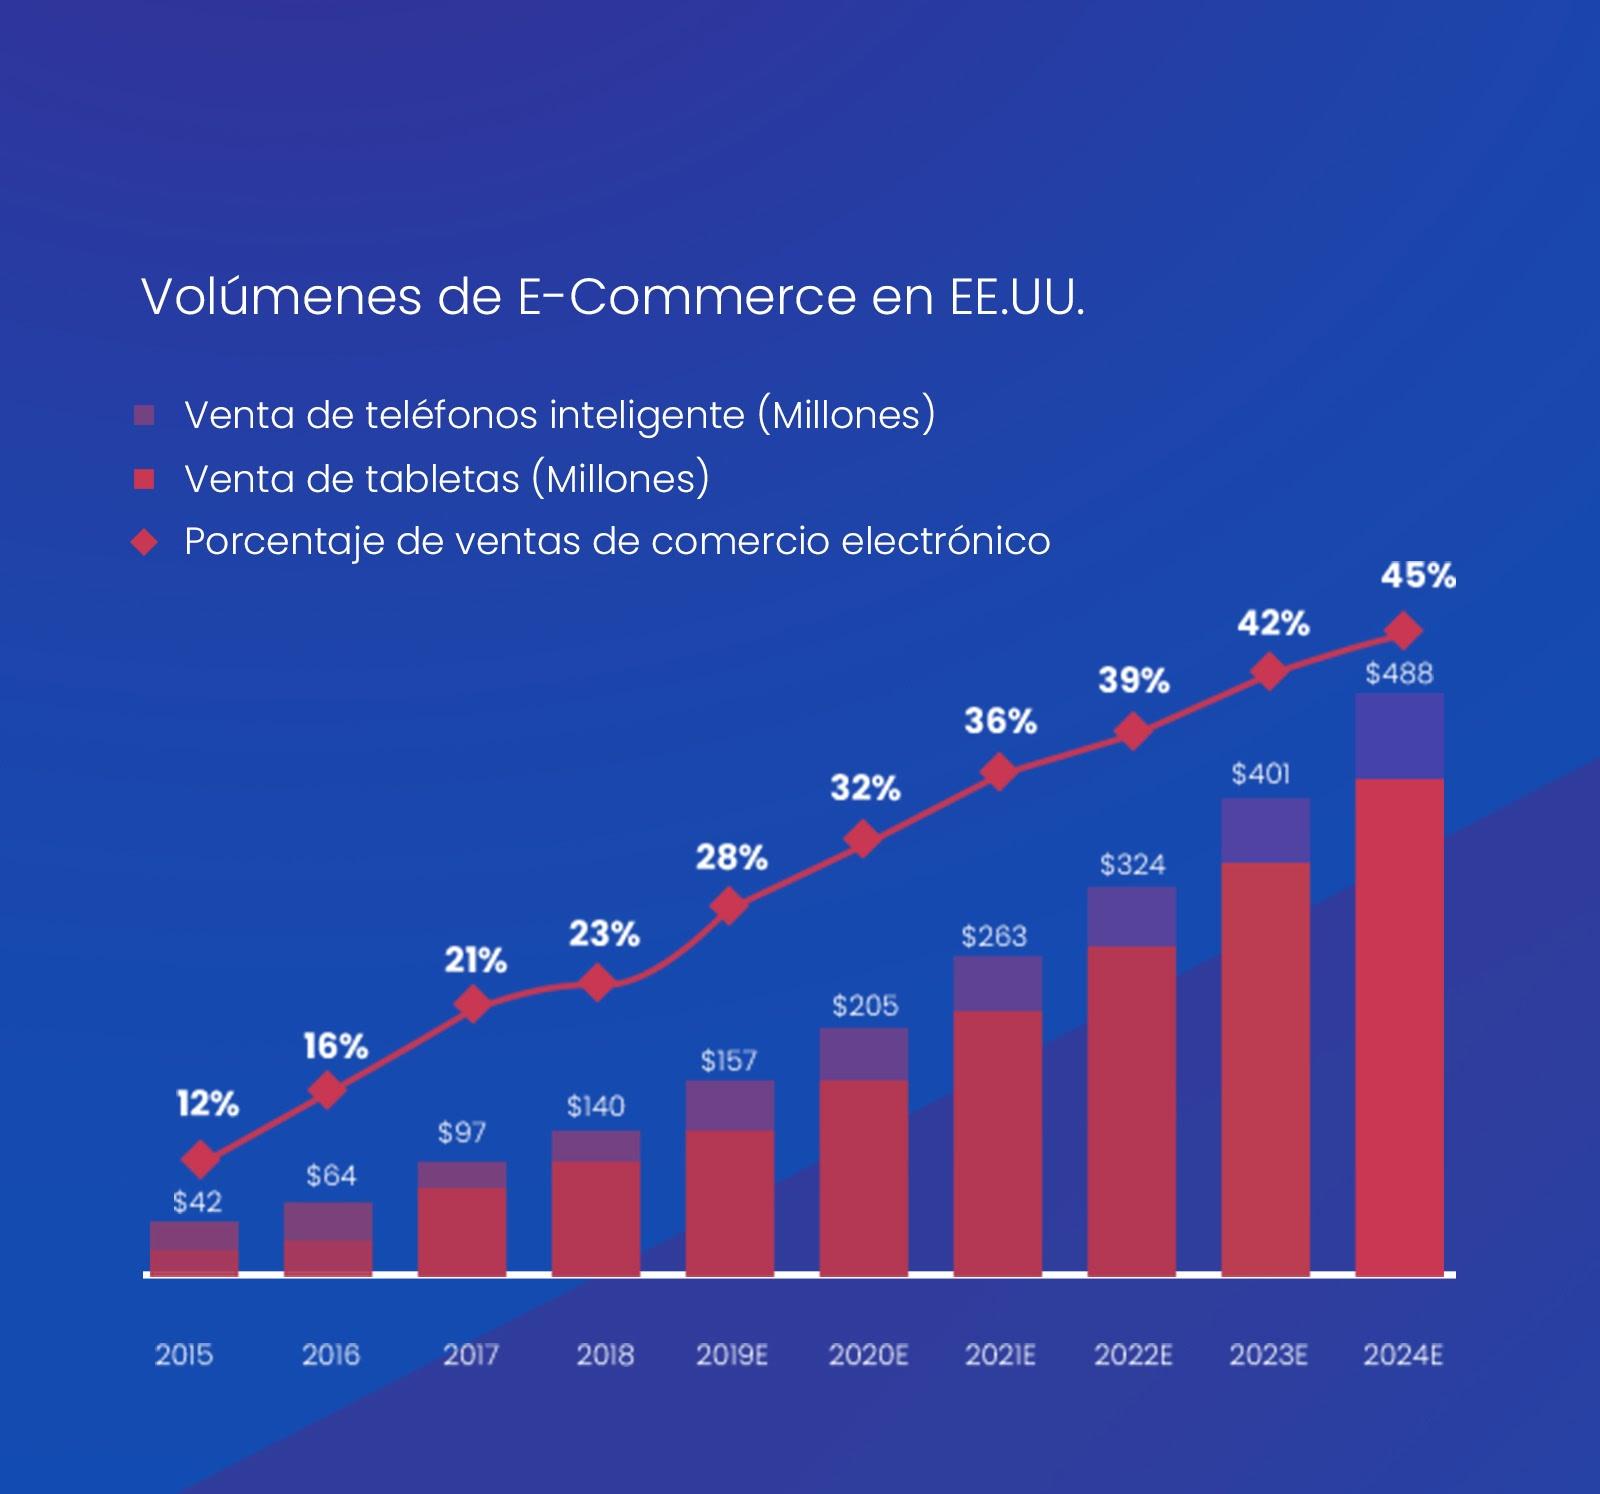 Volúmenes de E-Commerce 2020